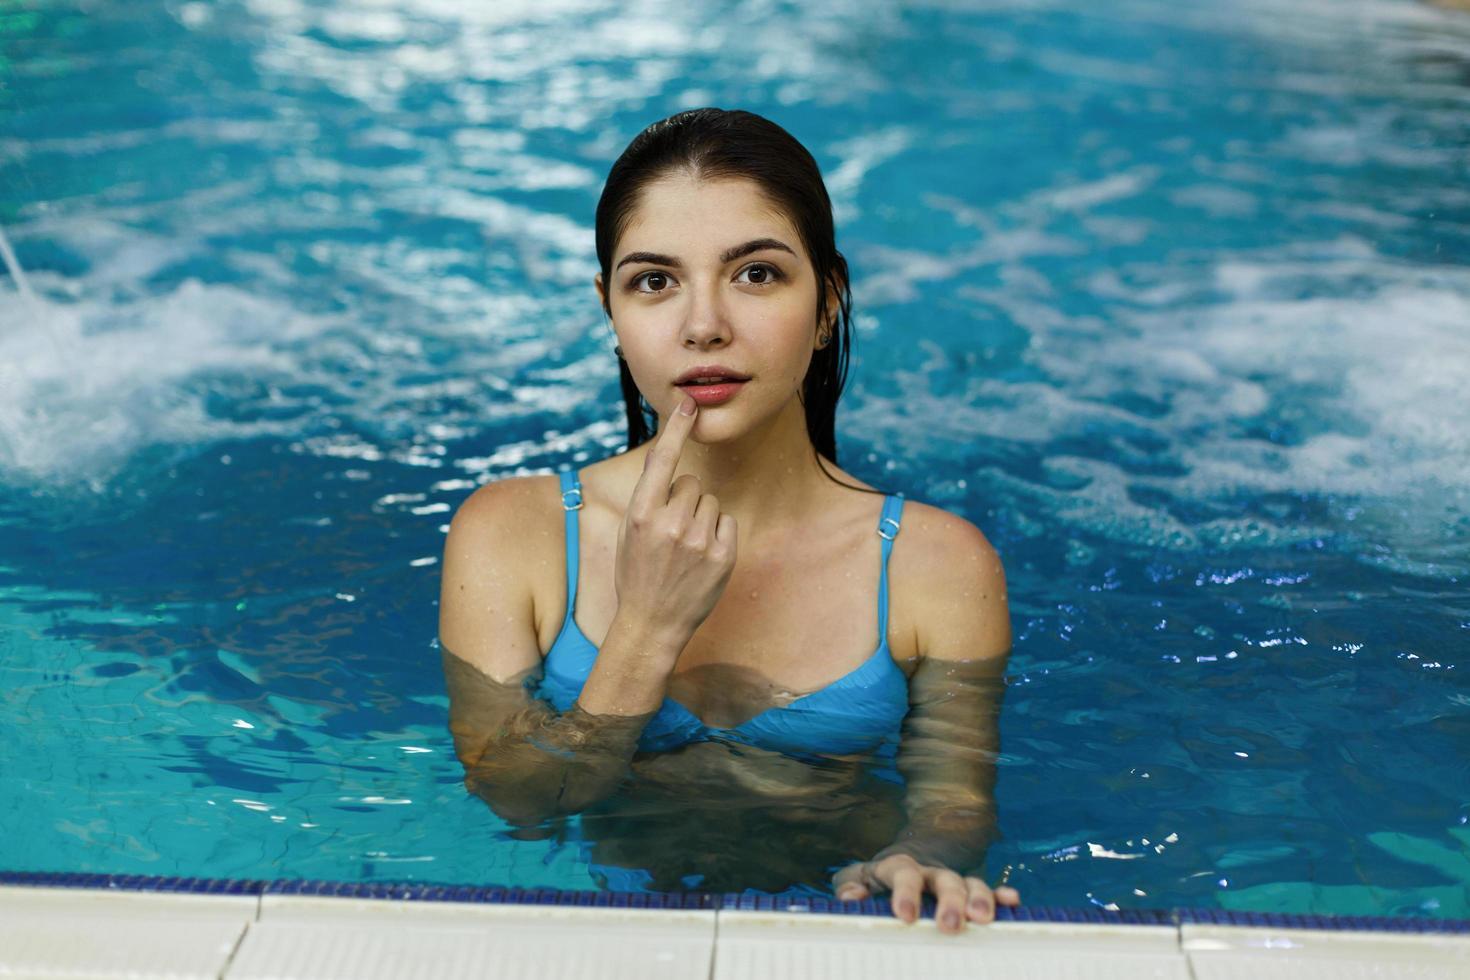 jolie fille nage dans la piscine photo